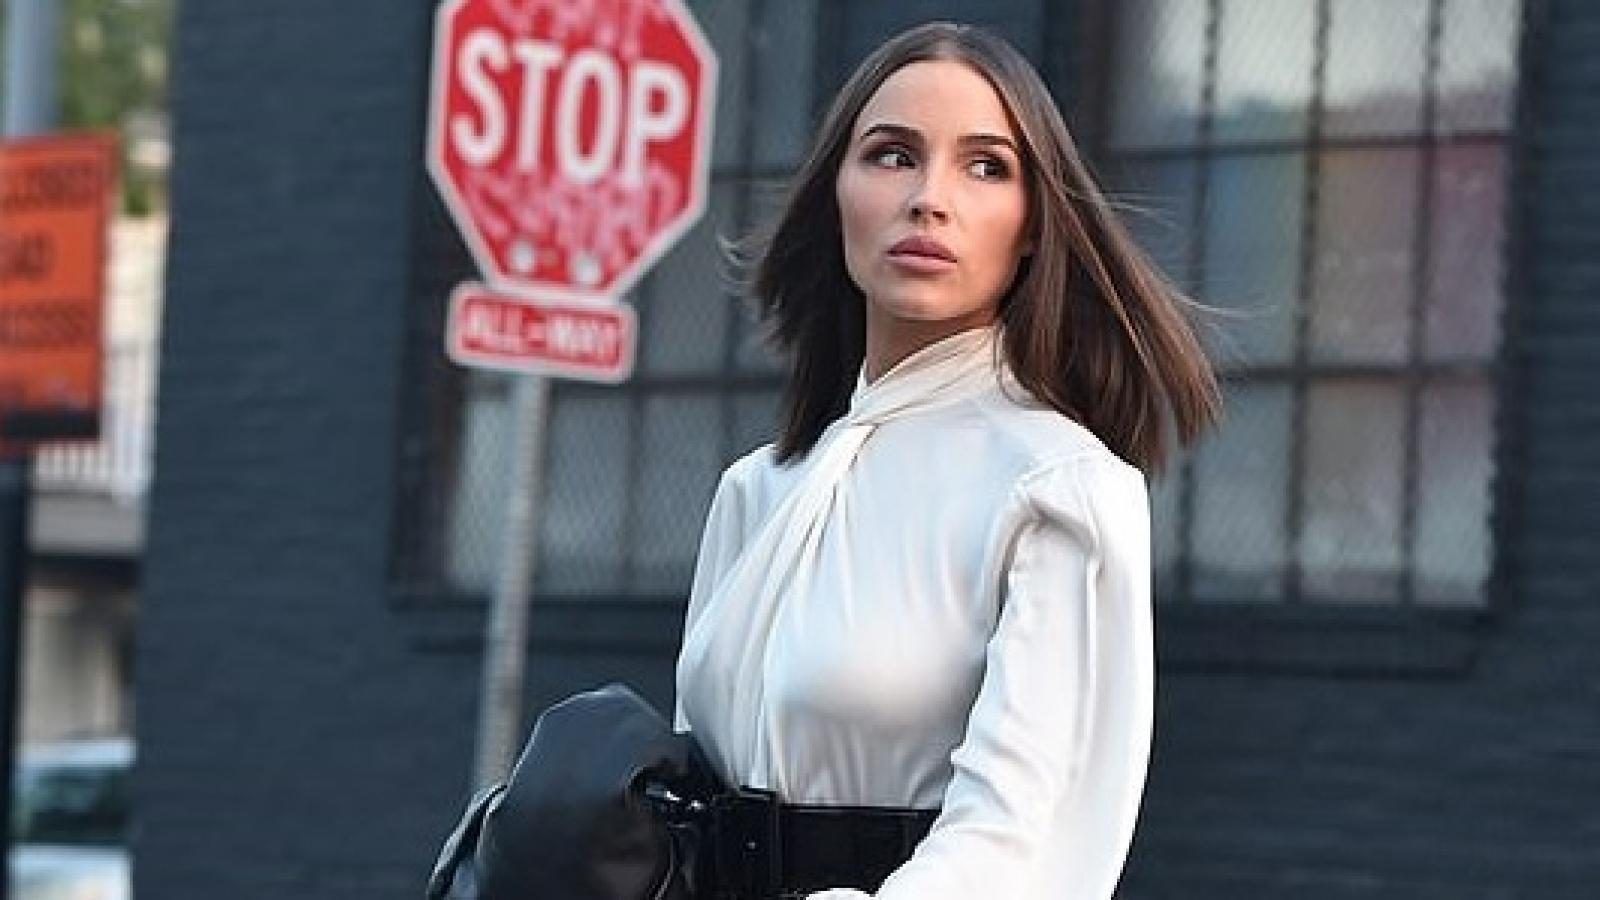 Hoa hậu Olivia Culpo đẹp cuốn hút trong buổi chụp hình quảng cáo